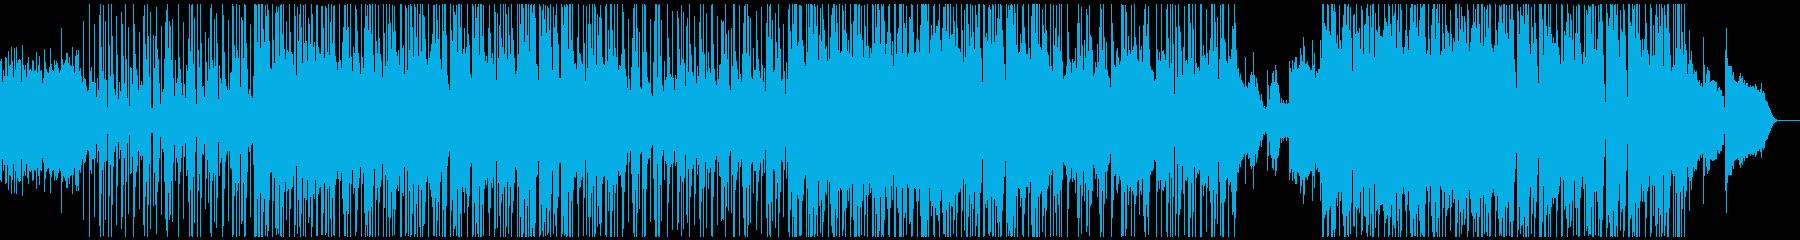 エモーショナル、ポップ、バラード、...の再生済みの波形